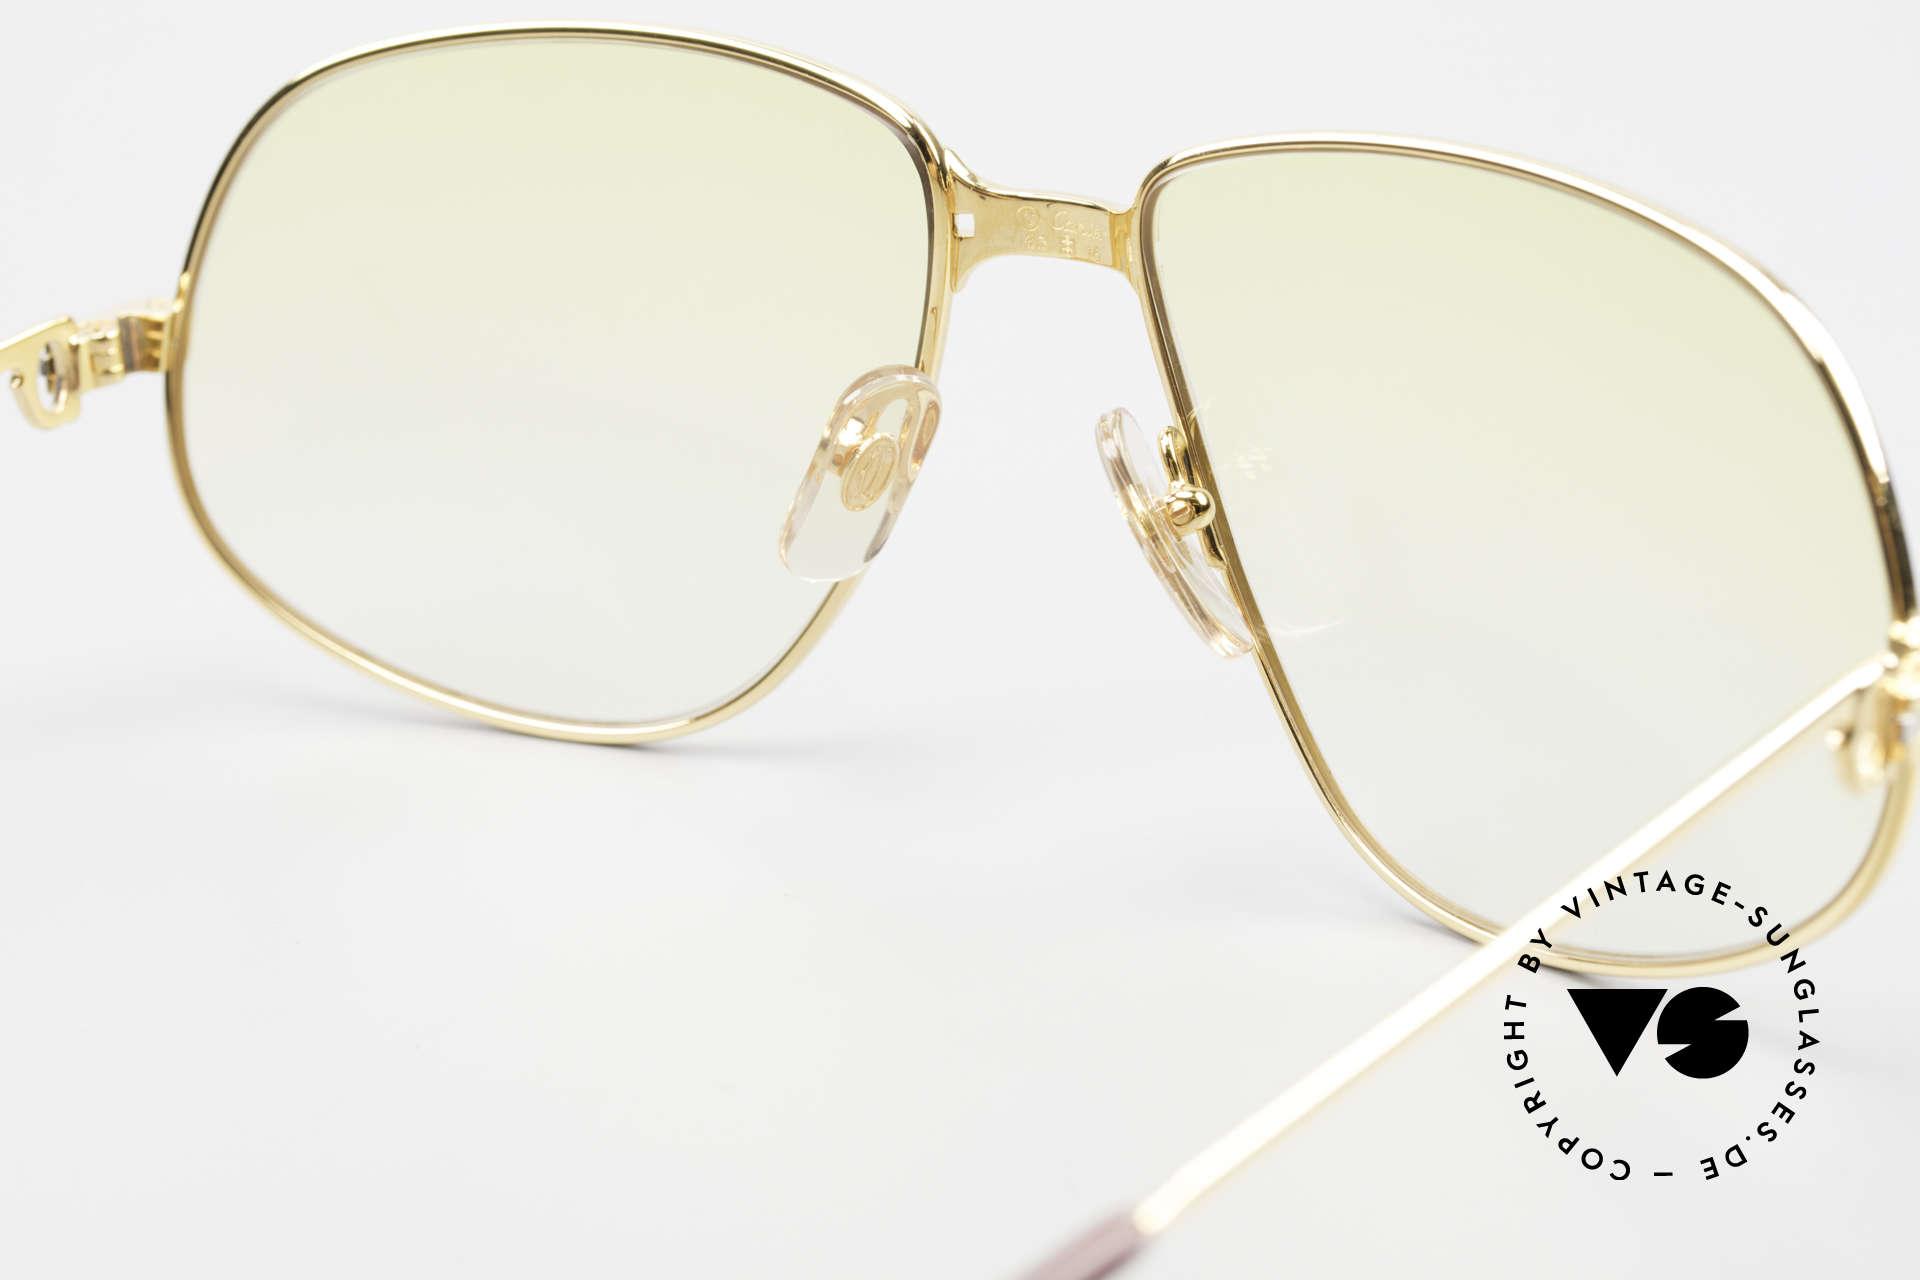 Cartier Panthere G.M. - XL Gelbe Gläser Mit Bvlgari Etui, KEINE RETRObrille; ein 30 Jahre altes vintage ORIGINAL, Passend für Herren und Damen